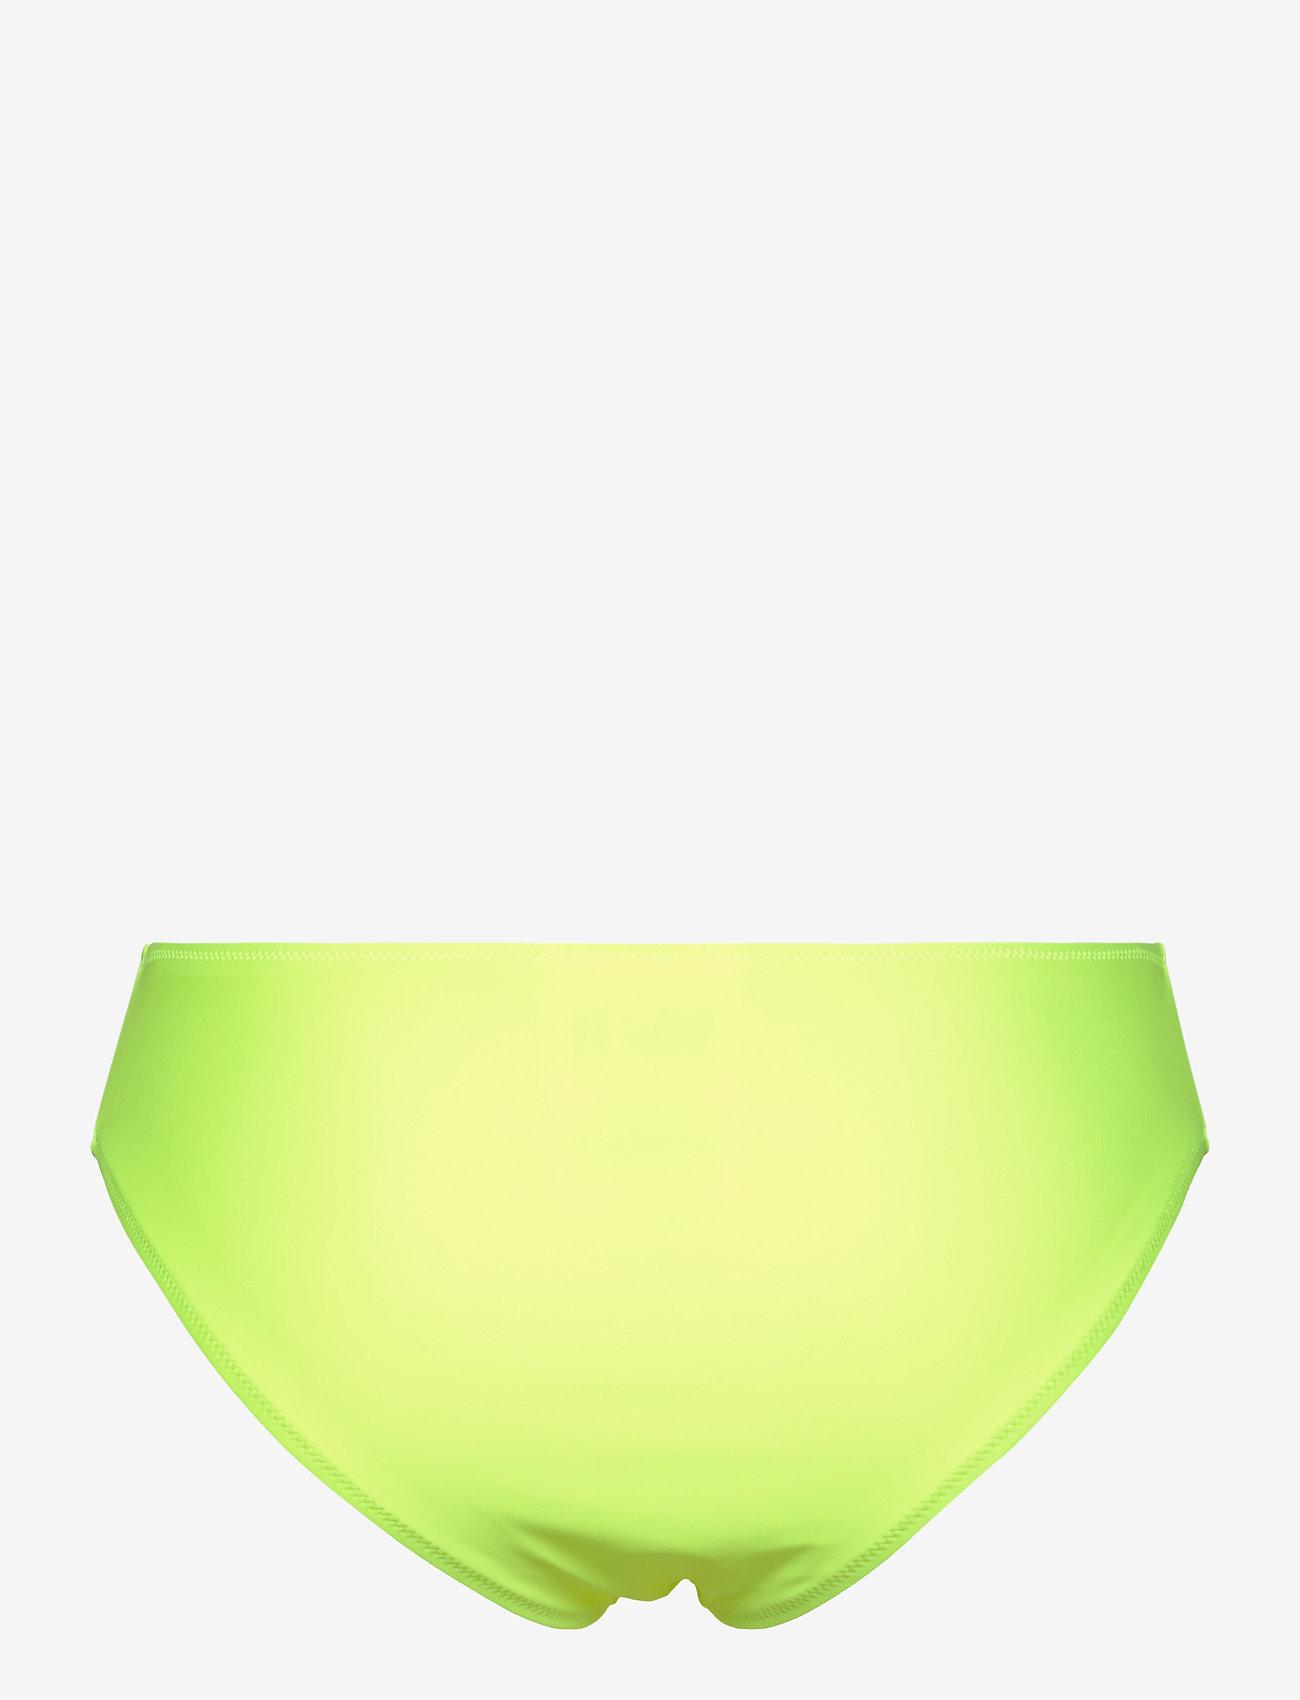 Champion - Bikini Bottom - doły strojów kąpielowych - safety yellow fluo - 1